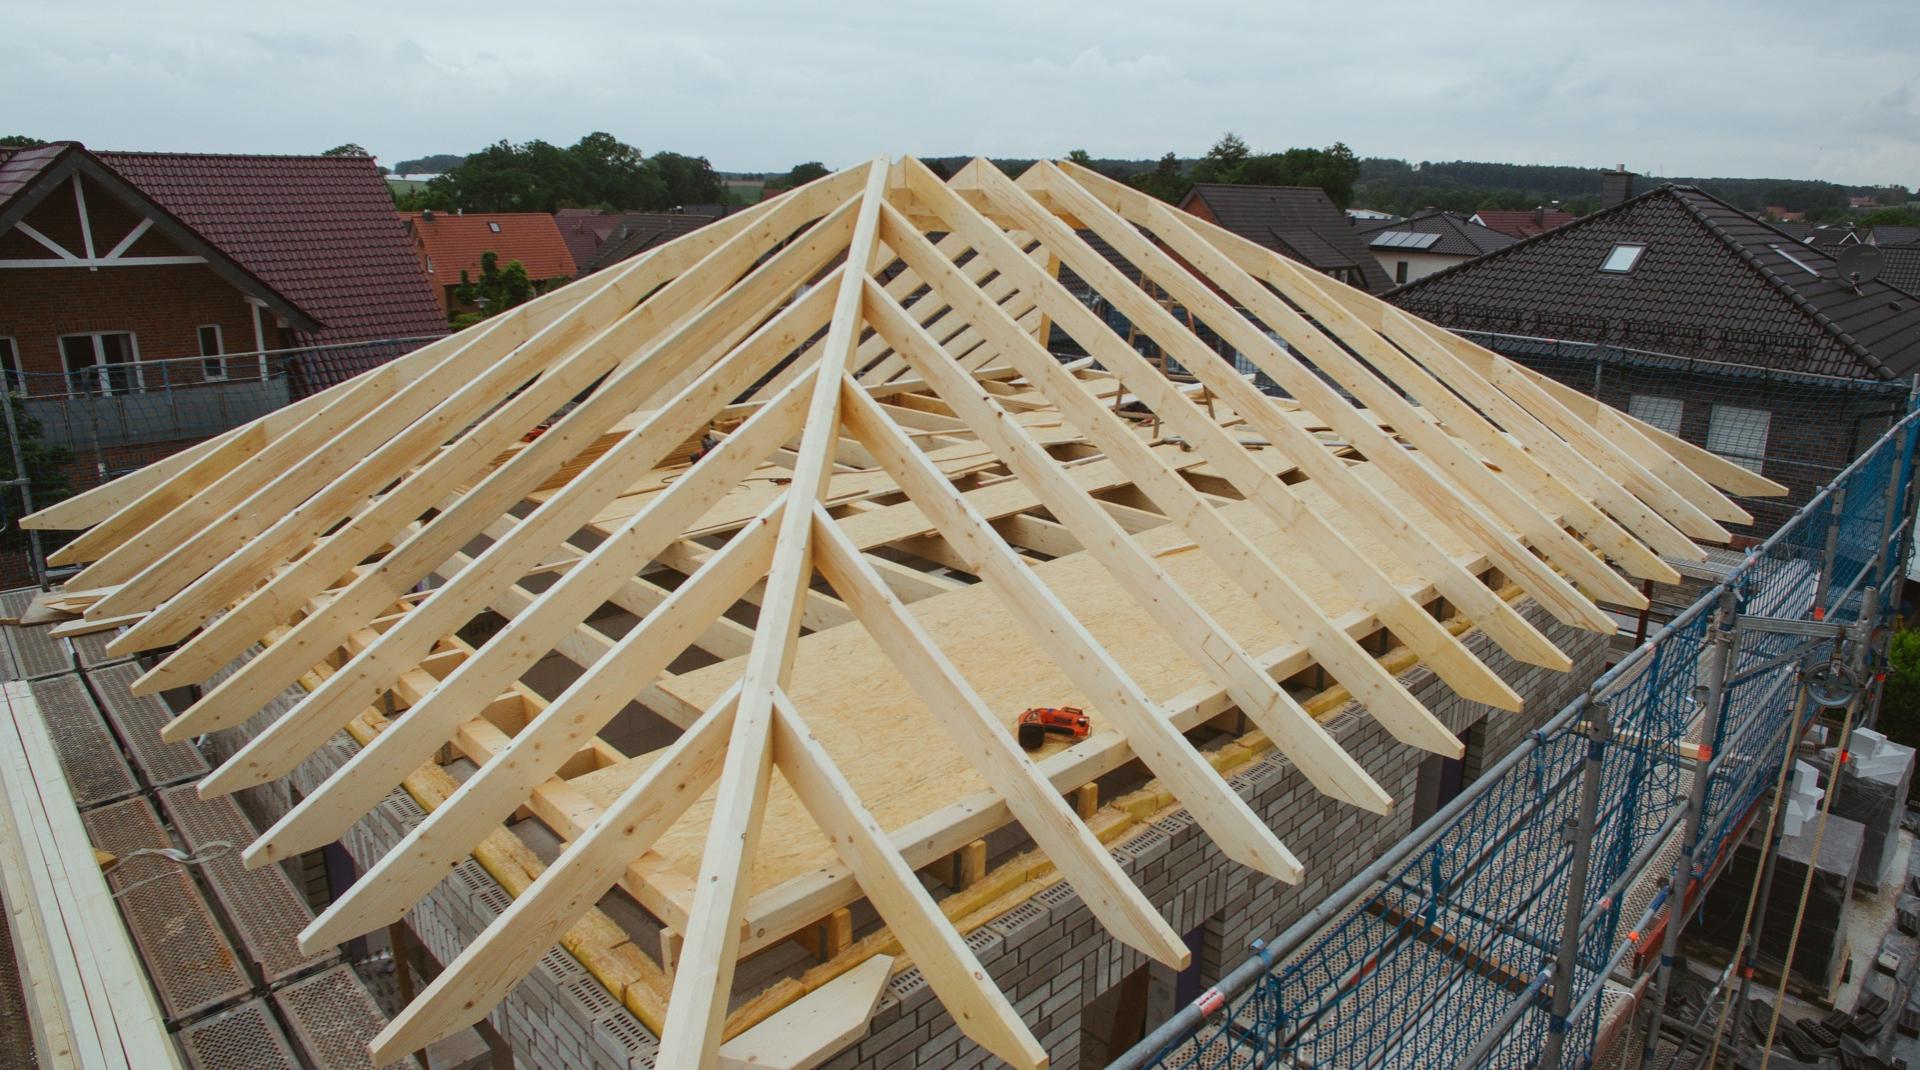 Holz für den Dachstuhl: Ein Haus mit noch uneingedecktem hölzernen Dachstuhl